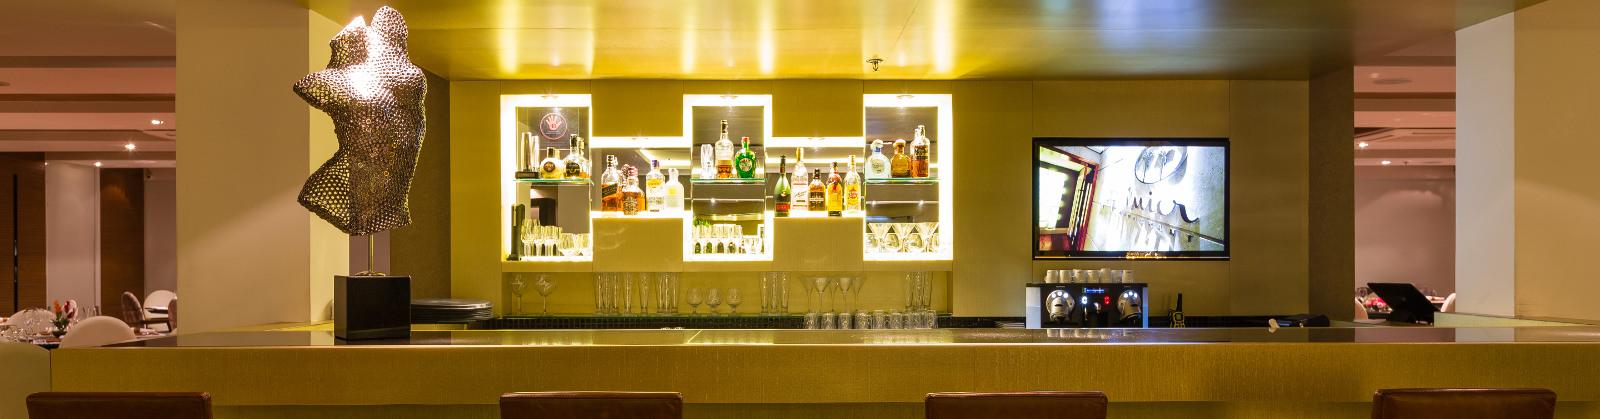 O Lounge bar da Vila Ema